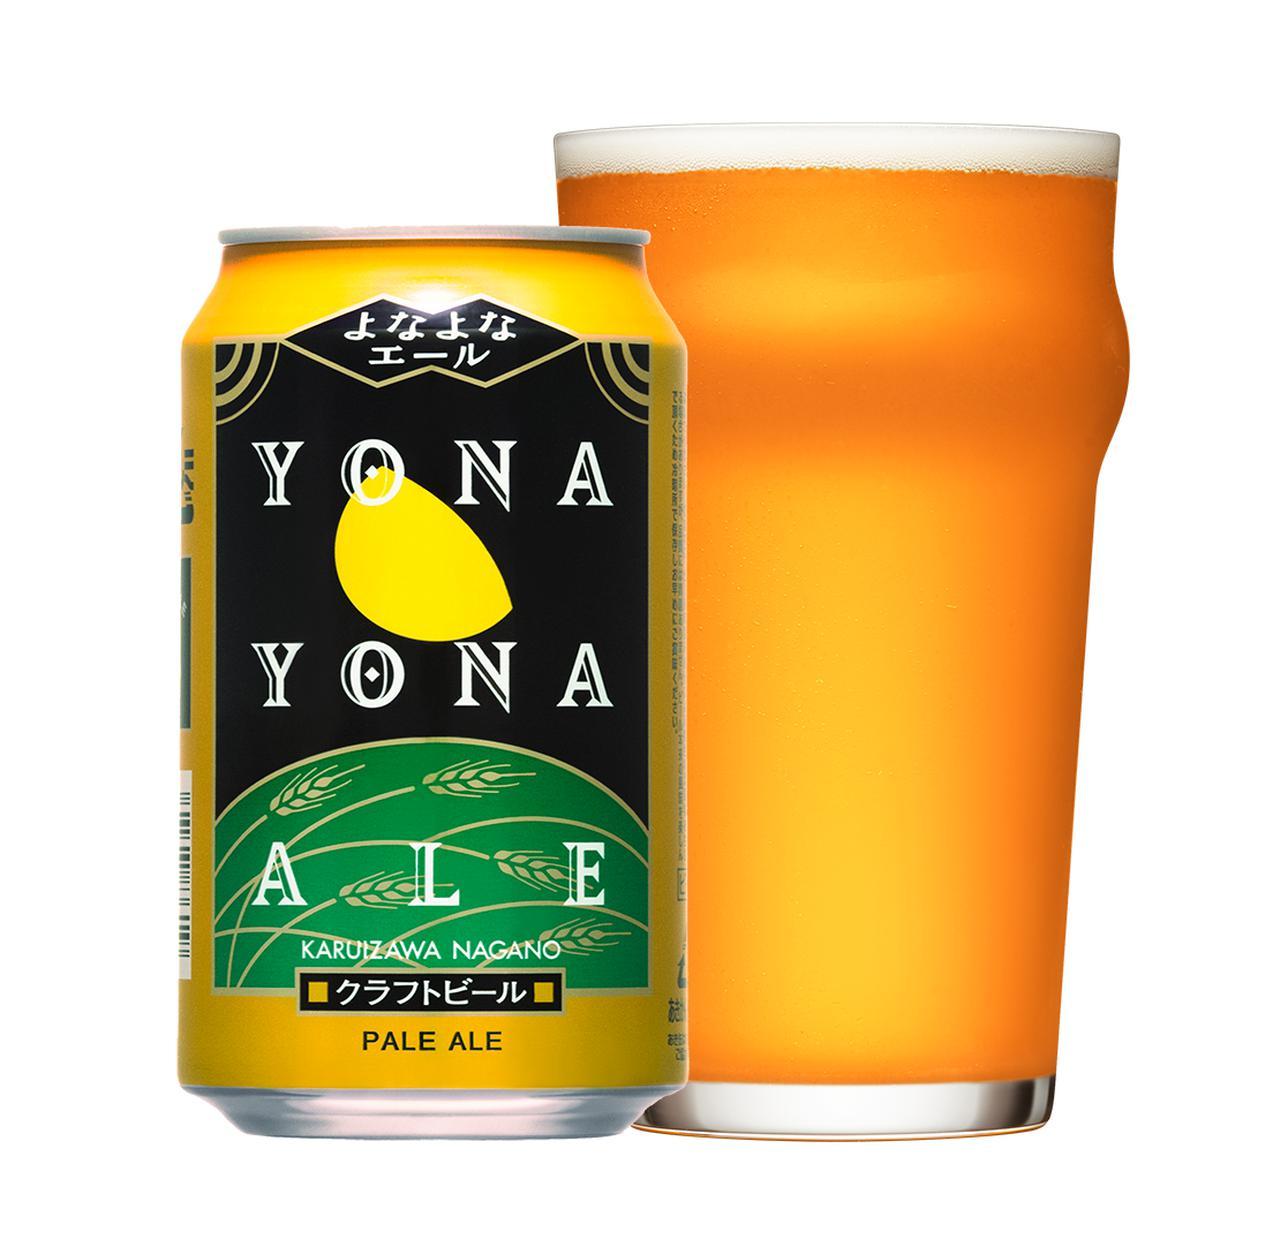 画像: 世界的なビール品評会「International Beer Competition」で8年連続金賞を受賞した看板商品「よなよなエール」